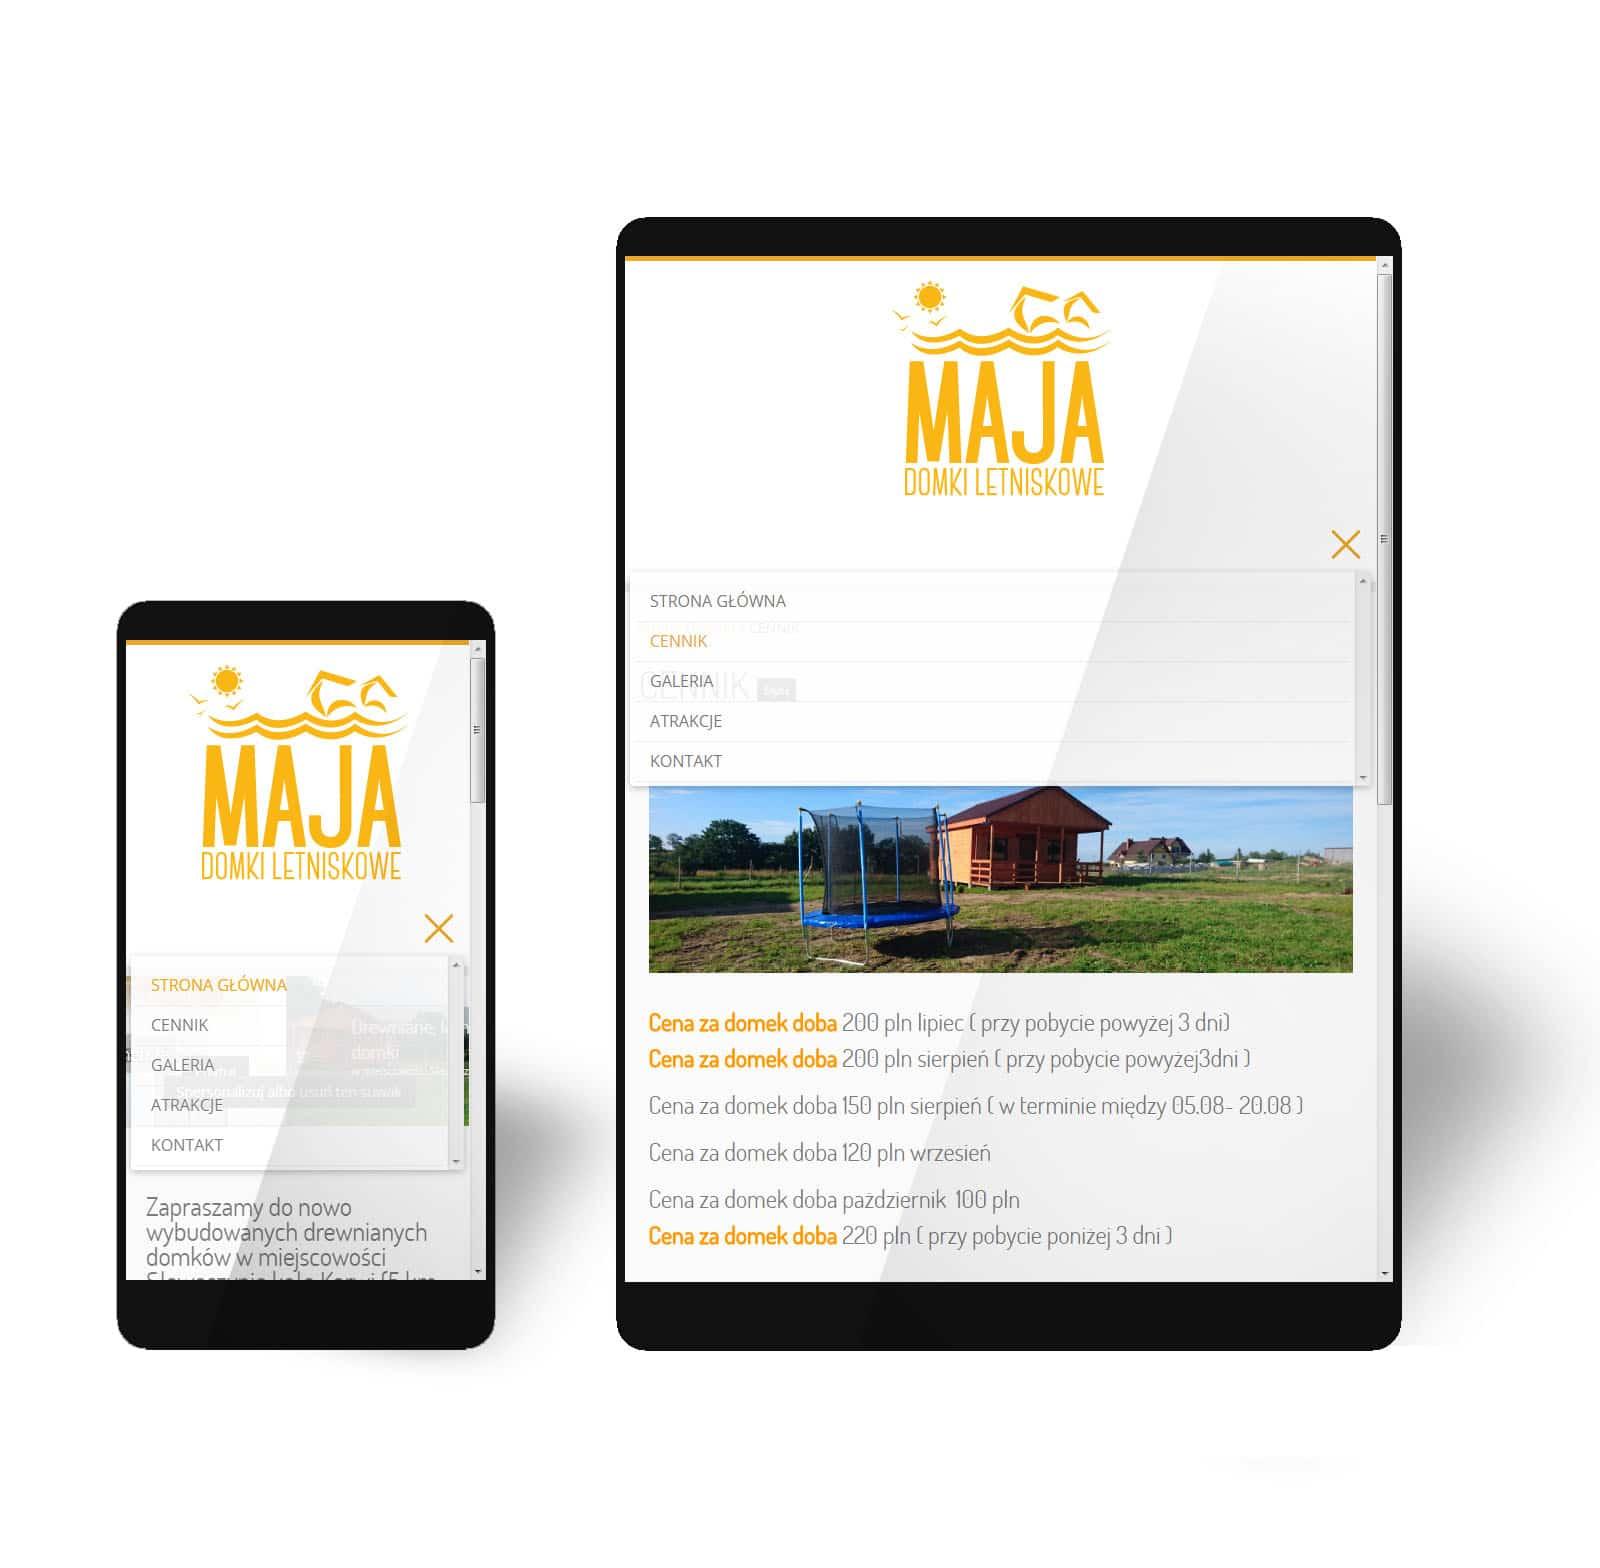 twojastrona - projektowanie stron www, pozycjonowanie